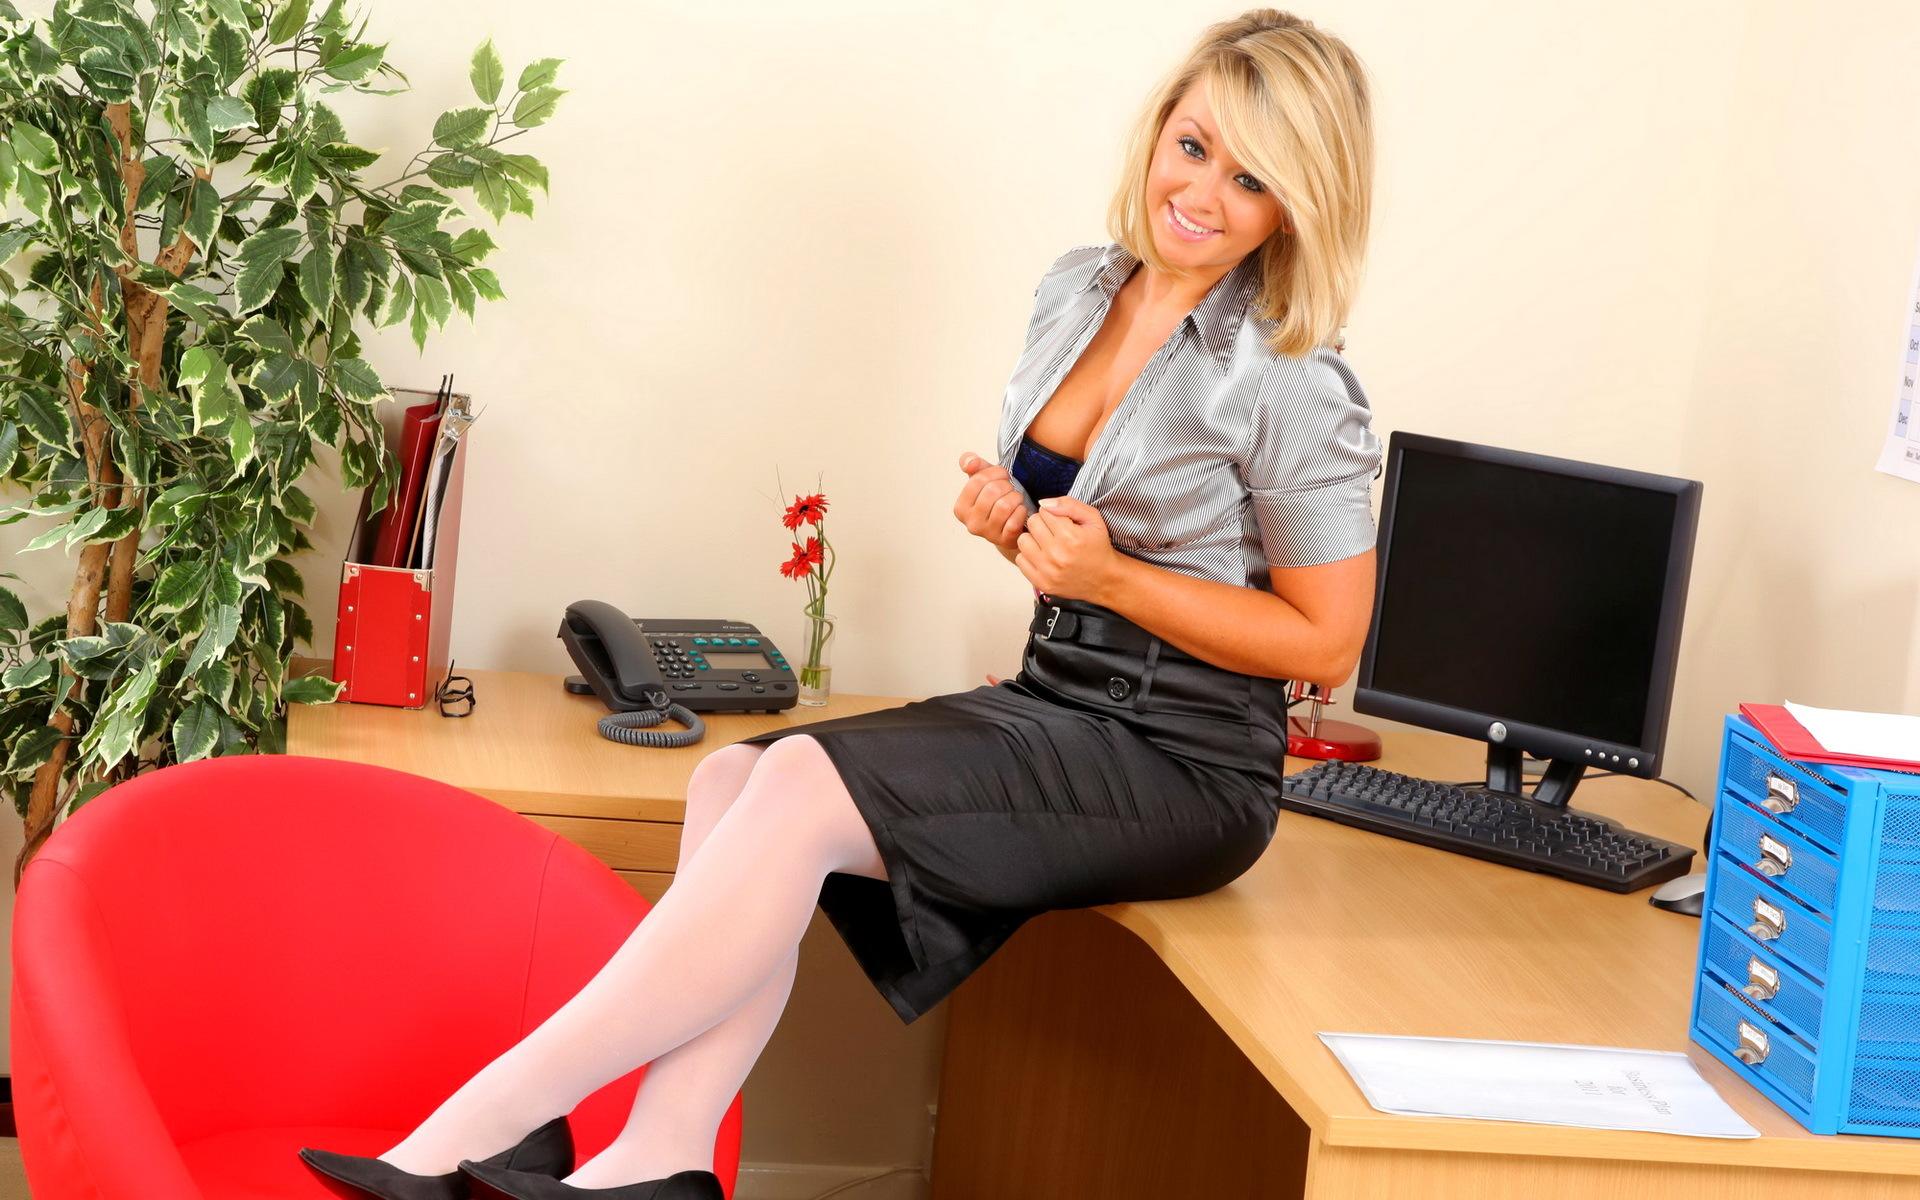 Фото девушек в юбках в офисе 10 фотография